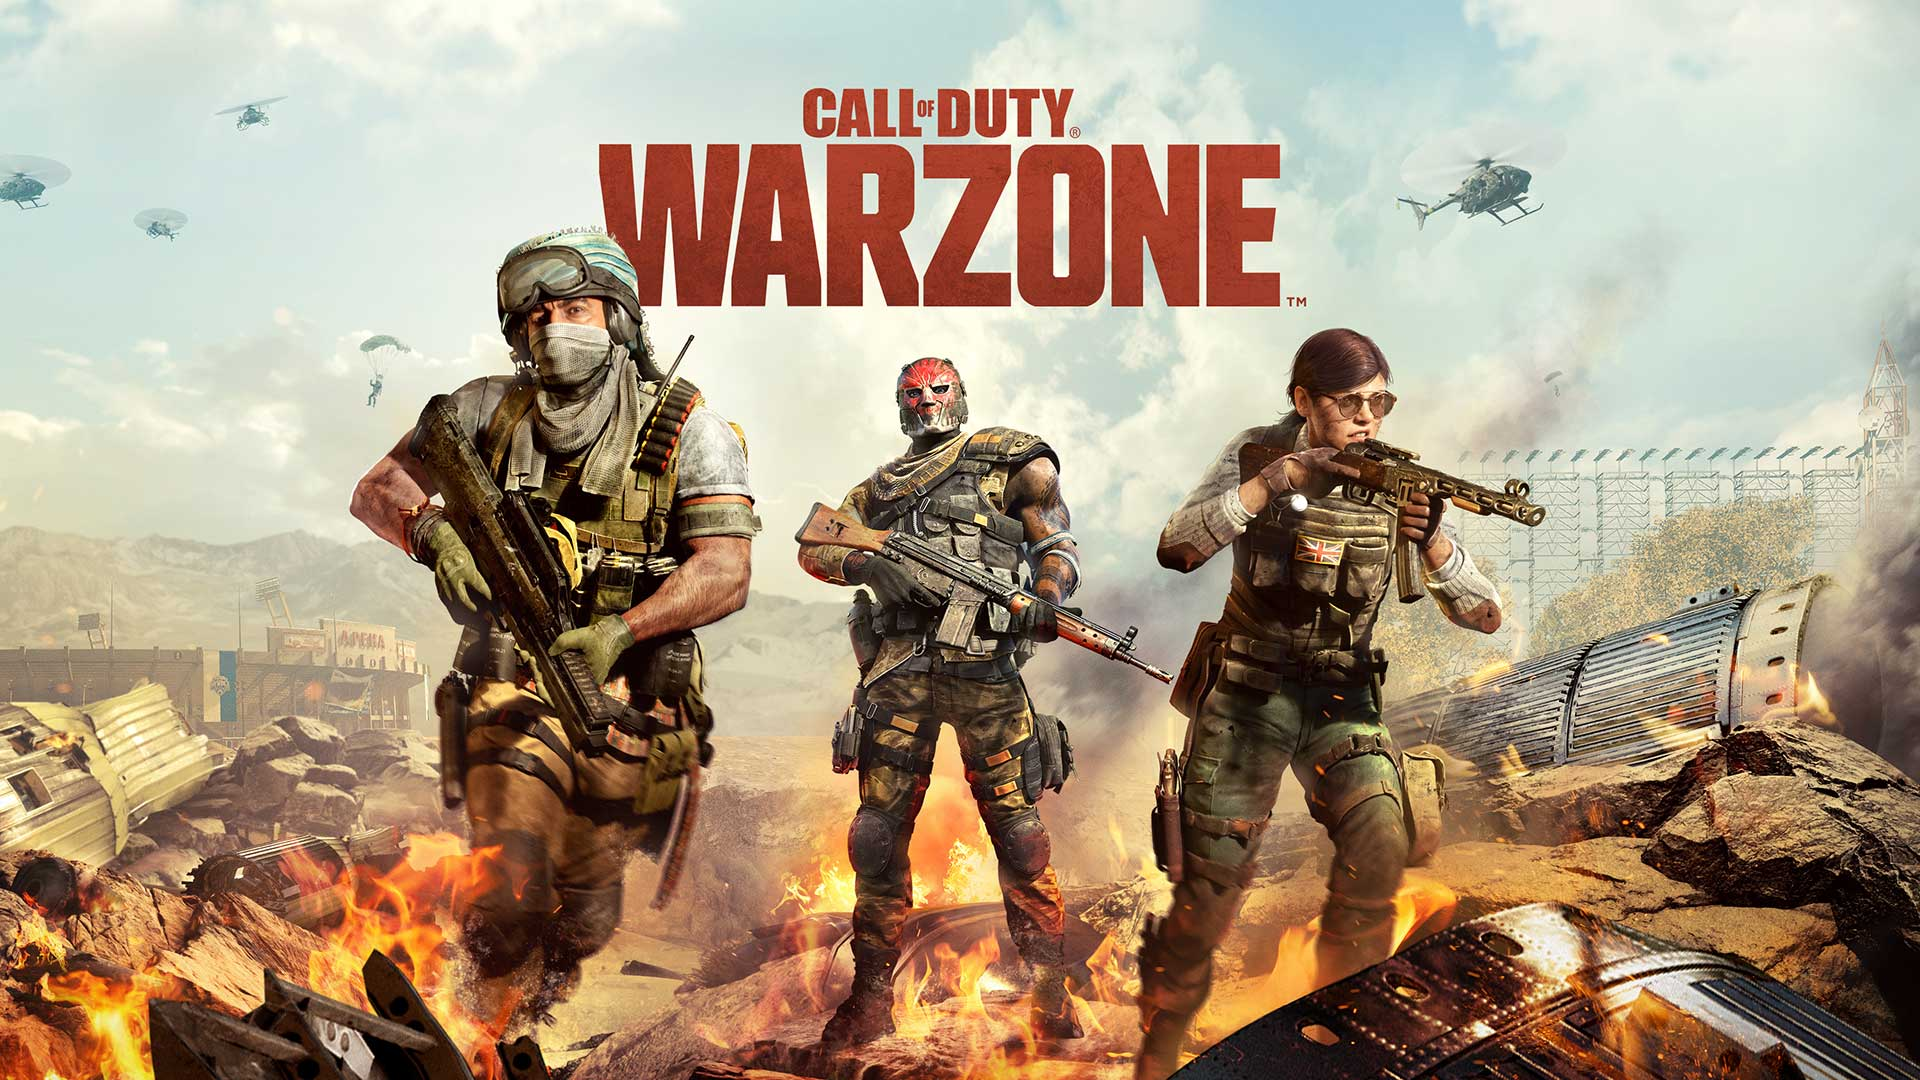 《使命召唤:冷战》及《战区》第四赛季补丁说明 6月17日正式上线